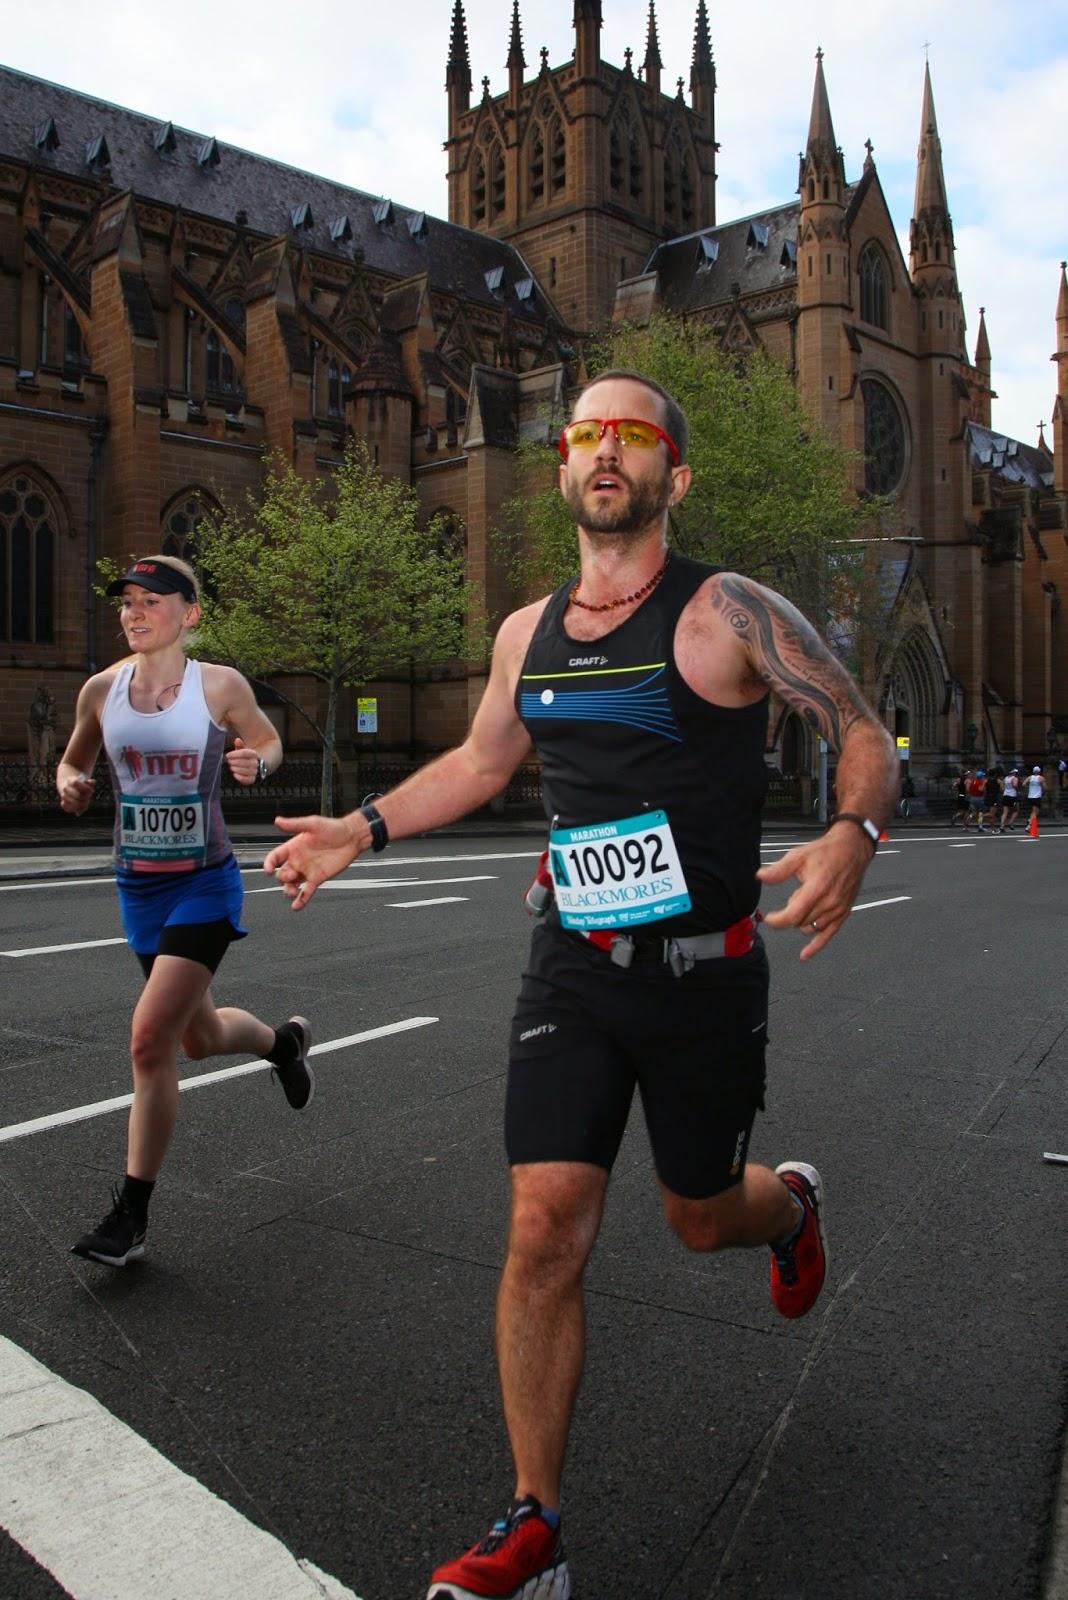 Sydney marathon, marathon, marathon training, running, boston qualifier, first marathon, race recap